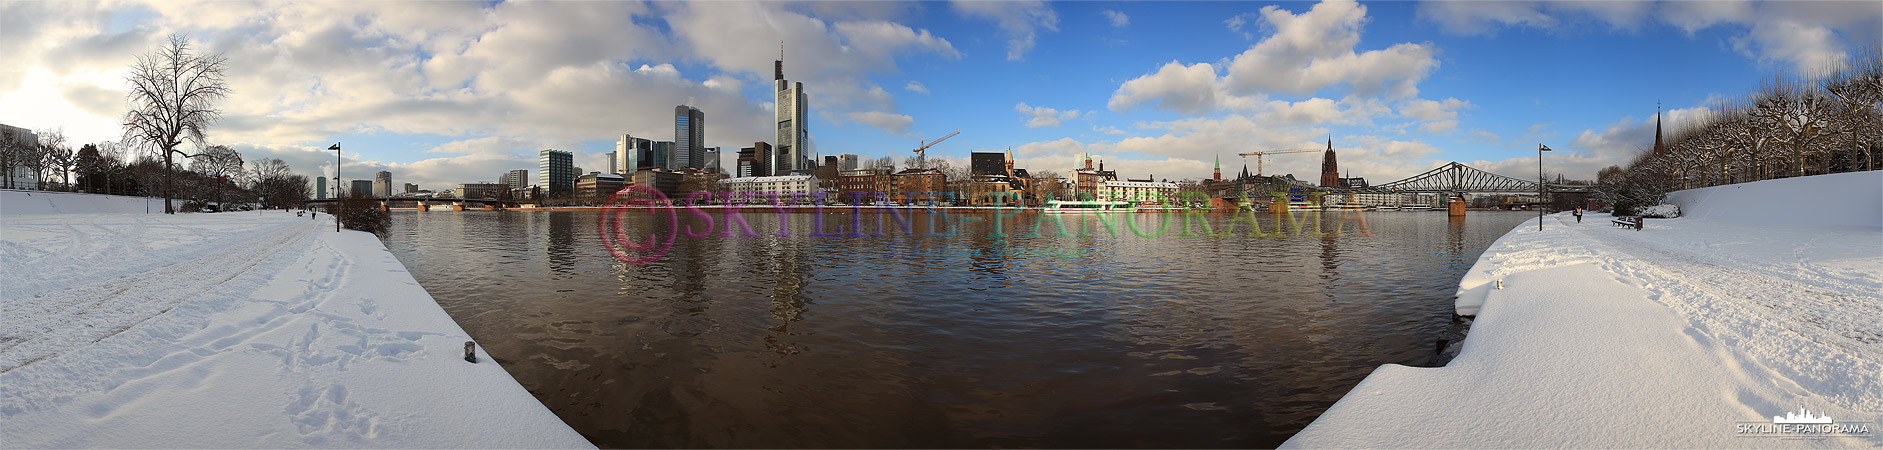 Die winterliche Frankfurter Skyline zwischen der Untermainbrücke und dem historischen Eisernen Steg.